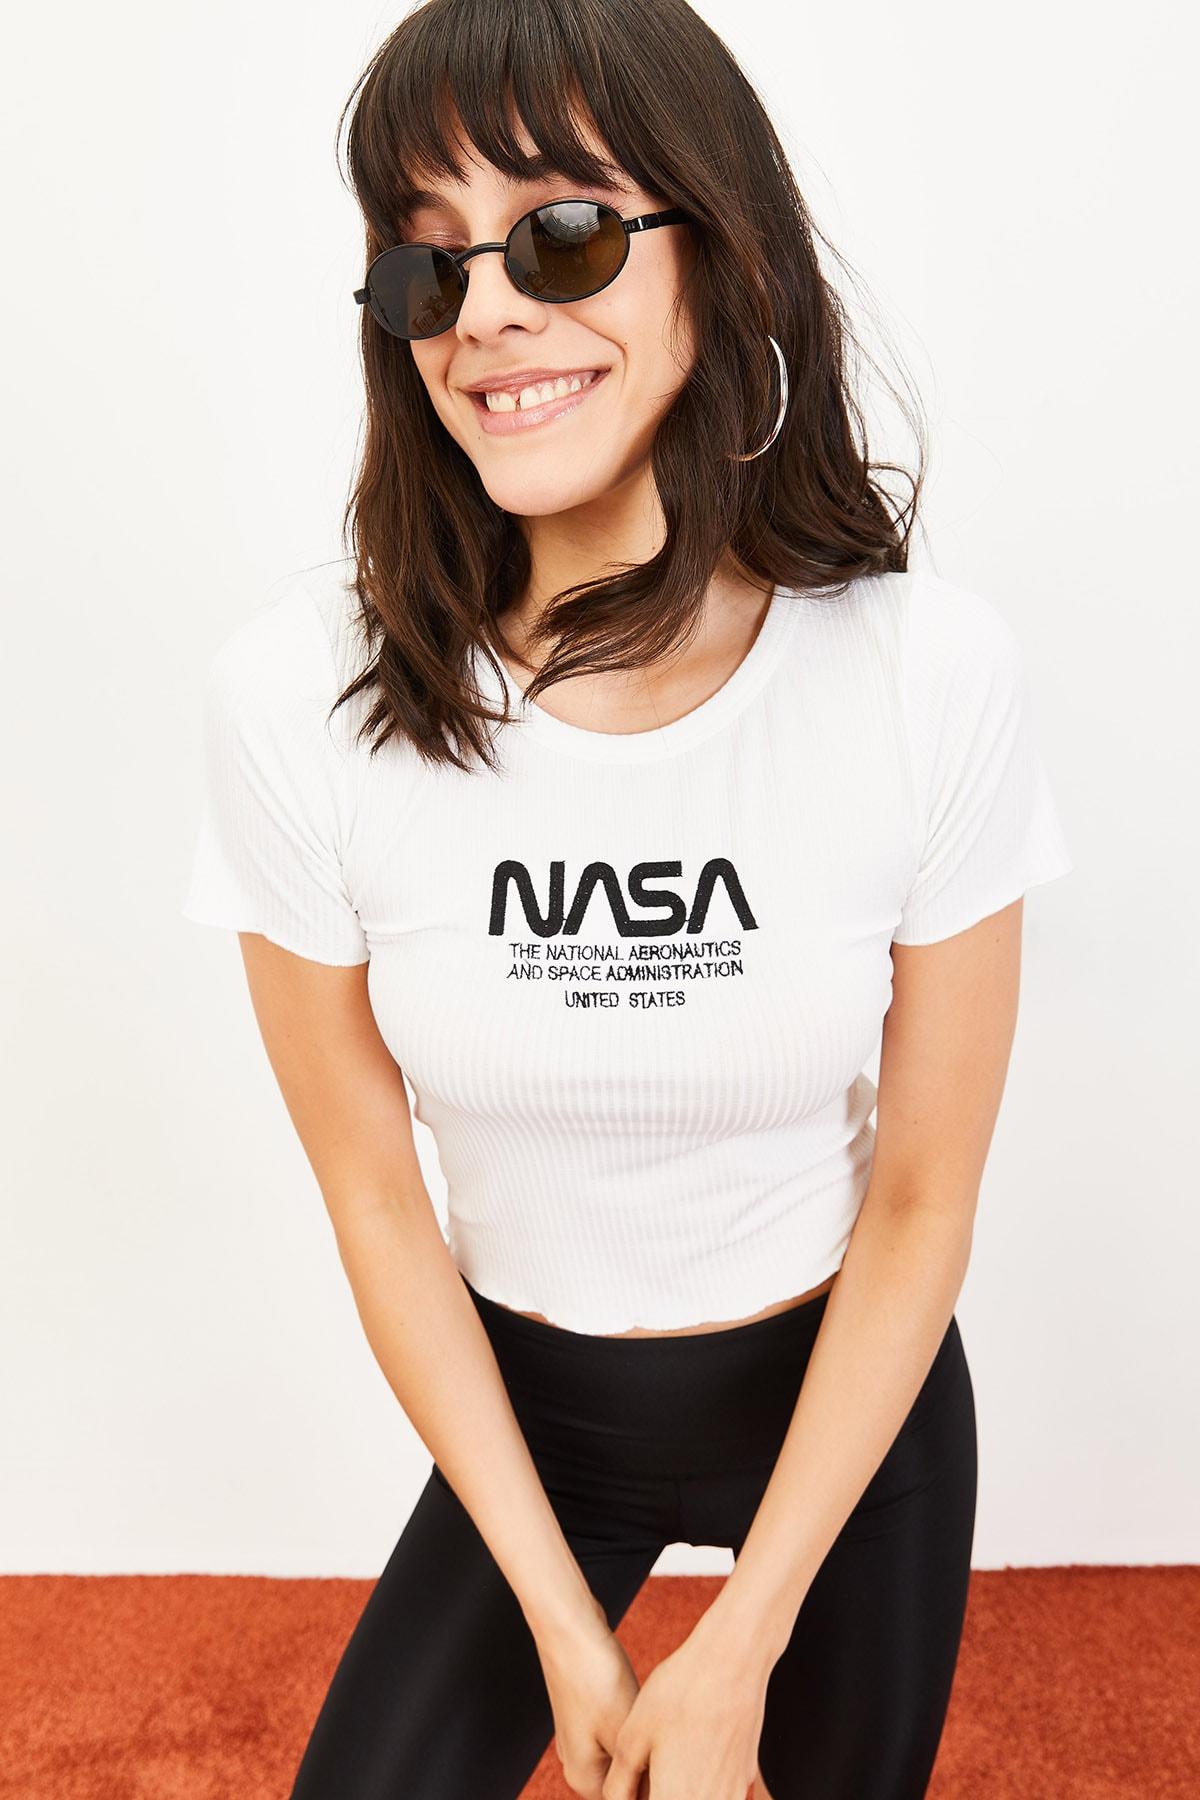 Bianco Lucci Kadın Nasa Baskılı Beyaz Kaşkorse T-Shirt Beyaz 10061019